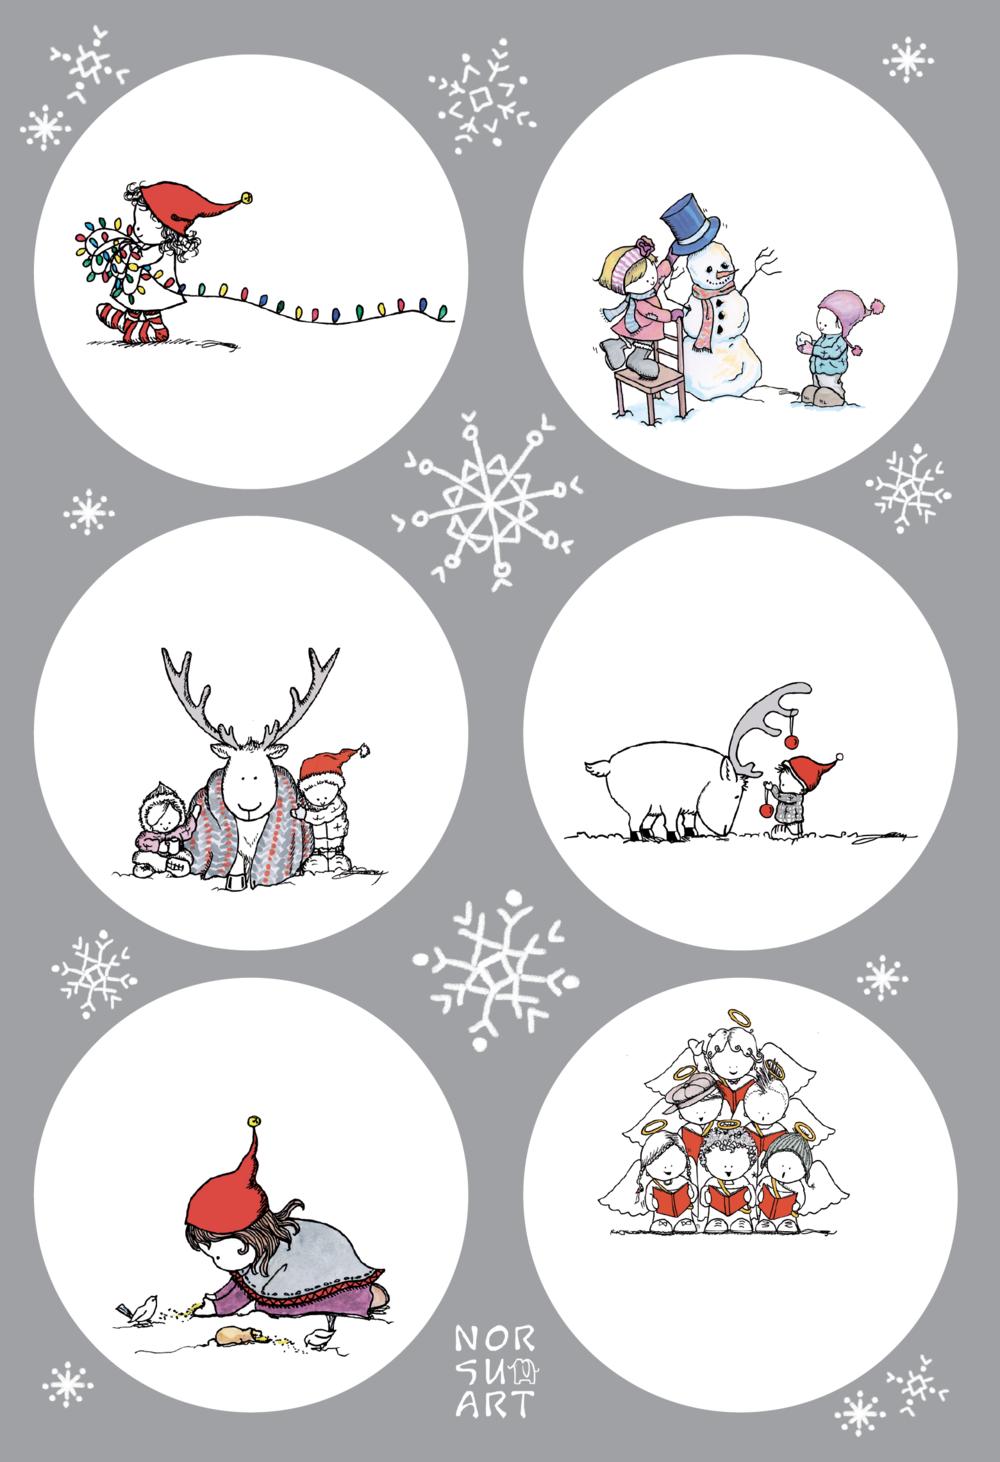 Joulupakettiin - Näillä paperisilla joulupakettitarroilla saa sympaattisen ilmeen kaikenkokoisille lahjoille.12 kpl, 6 eri malliaTarran halkaisija 60 mmPainettu Suomessa